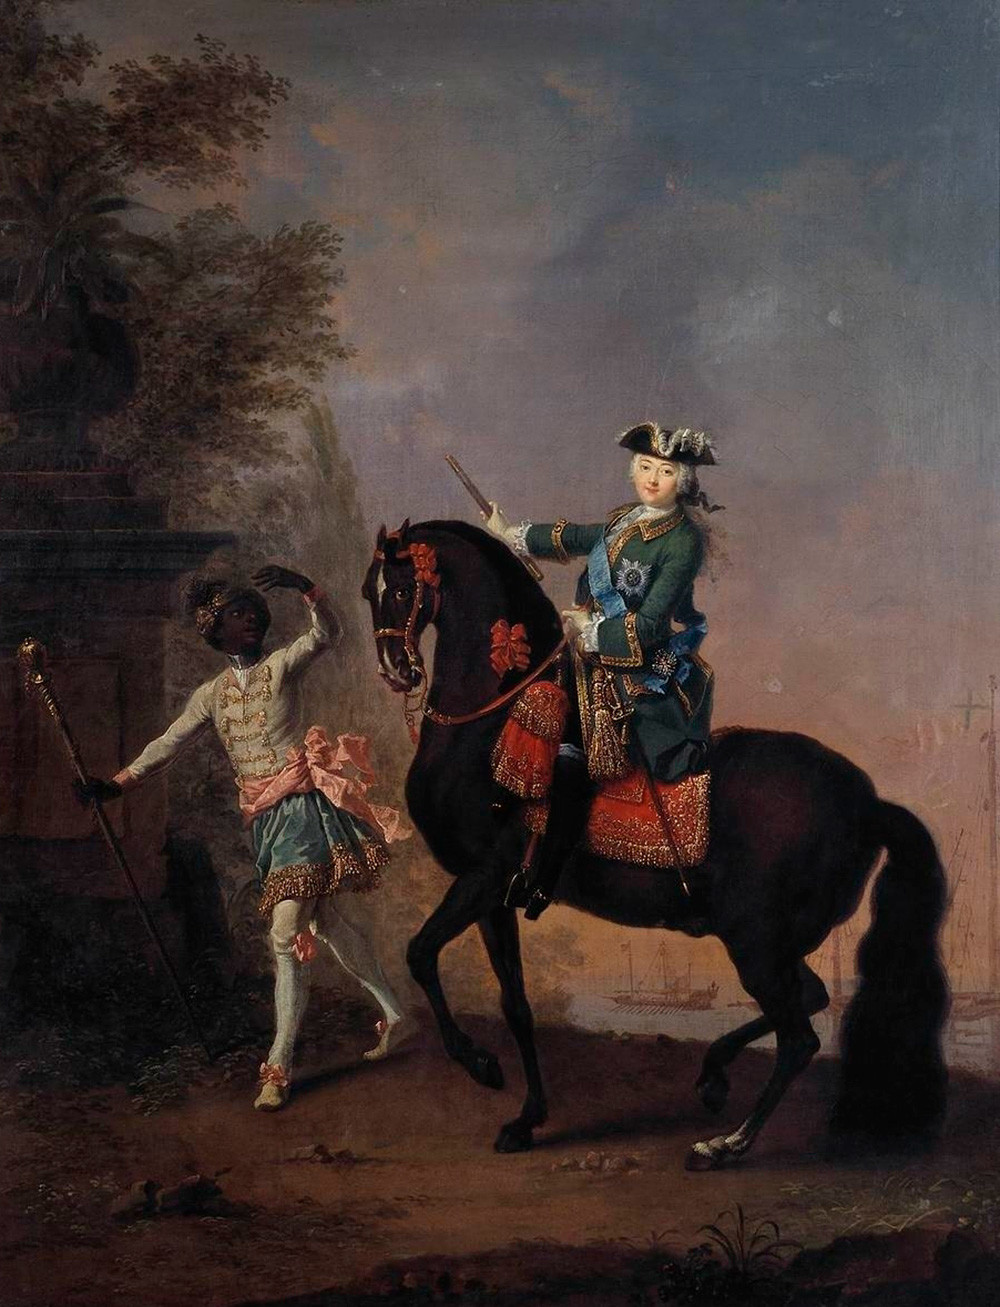 """""""Imperatriz Elizabeth da Rússia a Cavalo, Acompanhada por Pagem"""", 1743, de Georg Christoph Grooth (1716-1749)"""